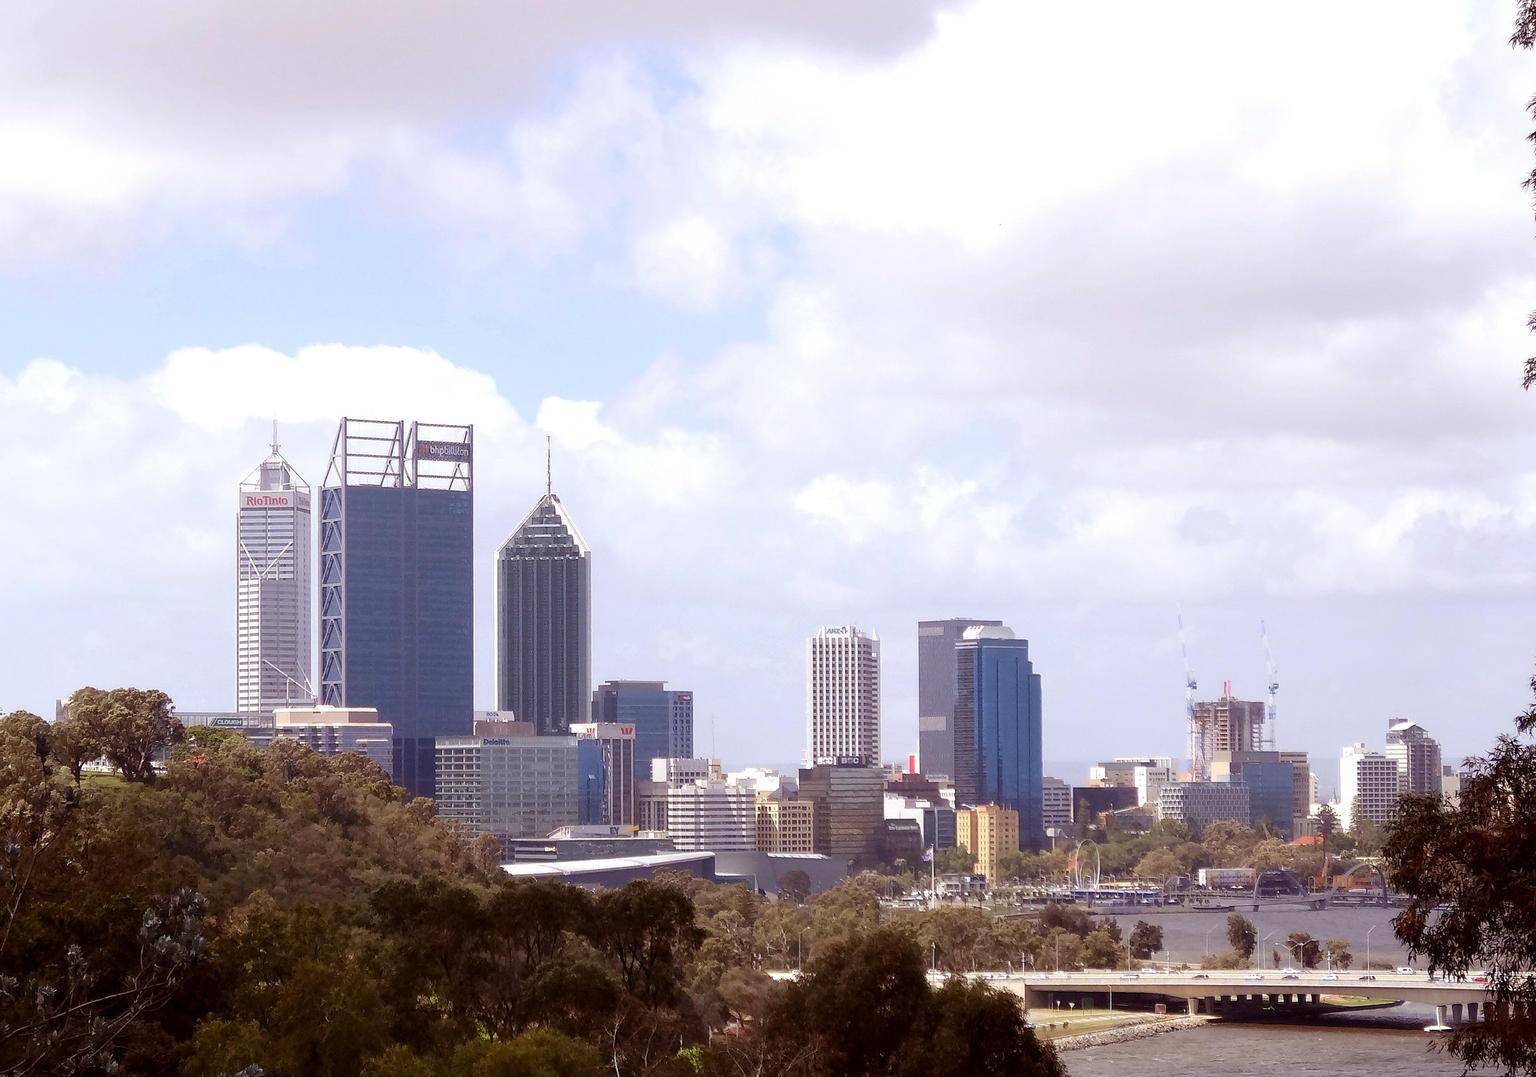 MÁS FOTOS, Recorrido en autobús con paradas libres por Perth